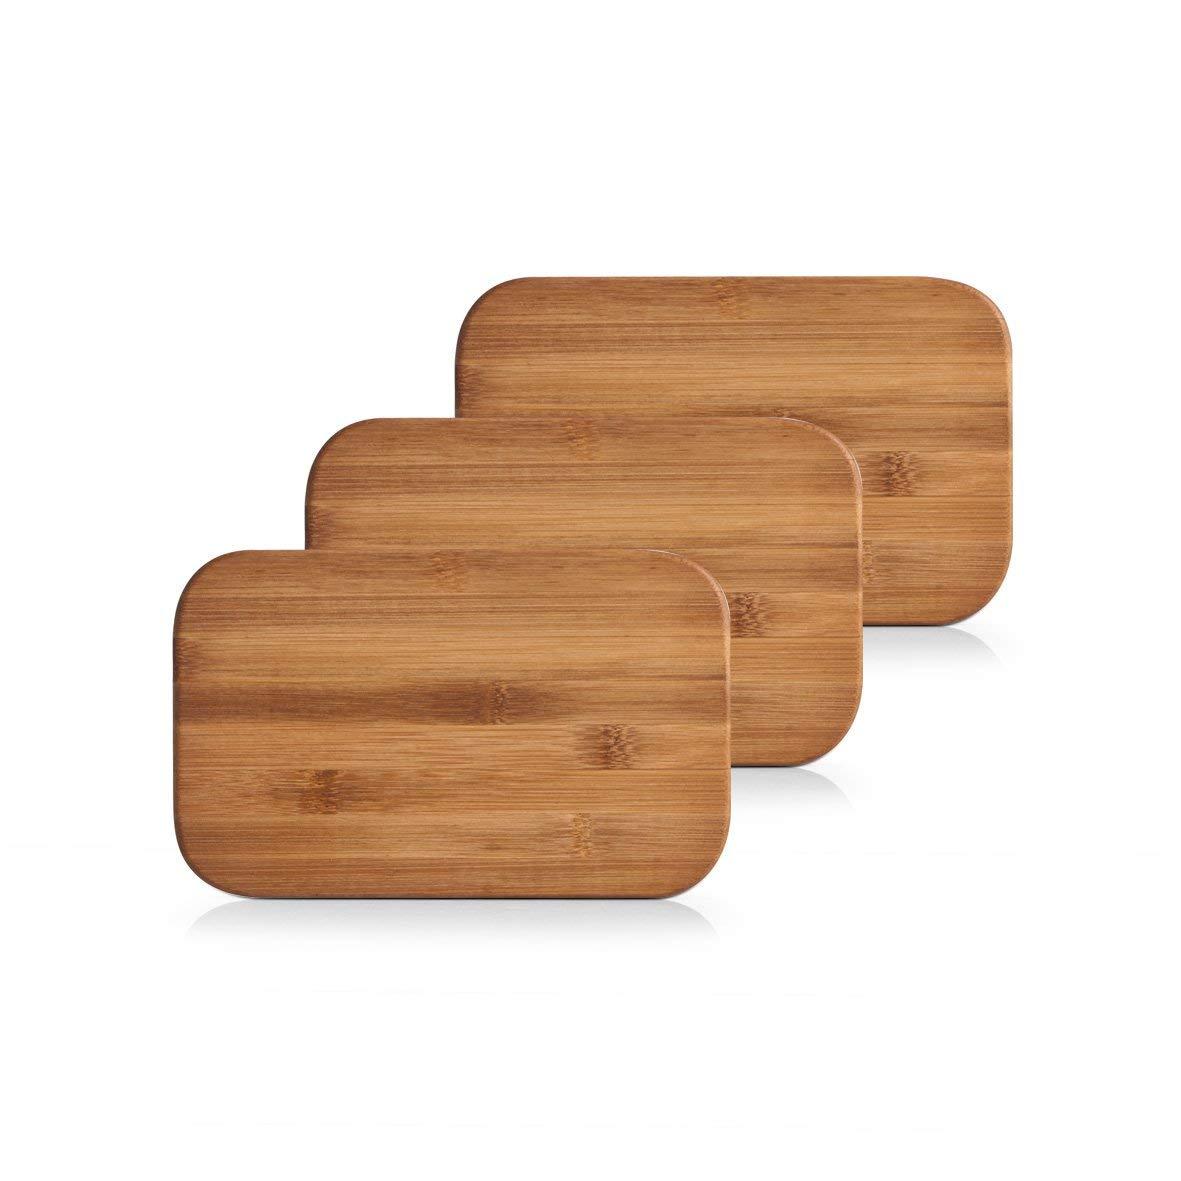 Zeller Cutting Board Set, Bamboo, Brown, 22 x 14 x 2.4 cm